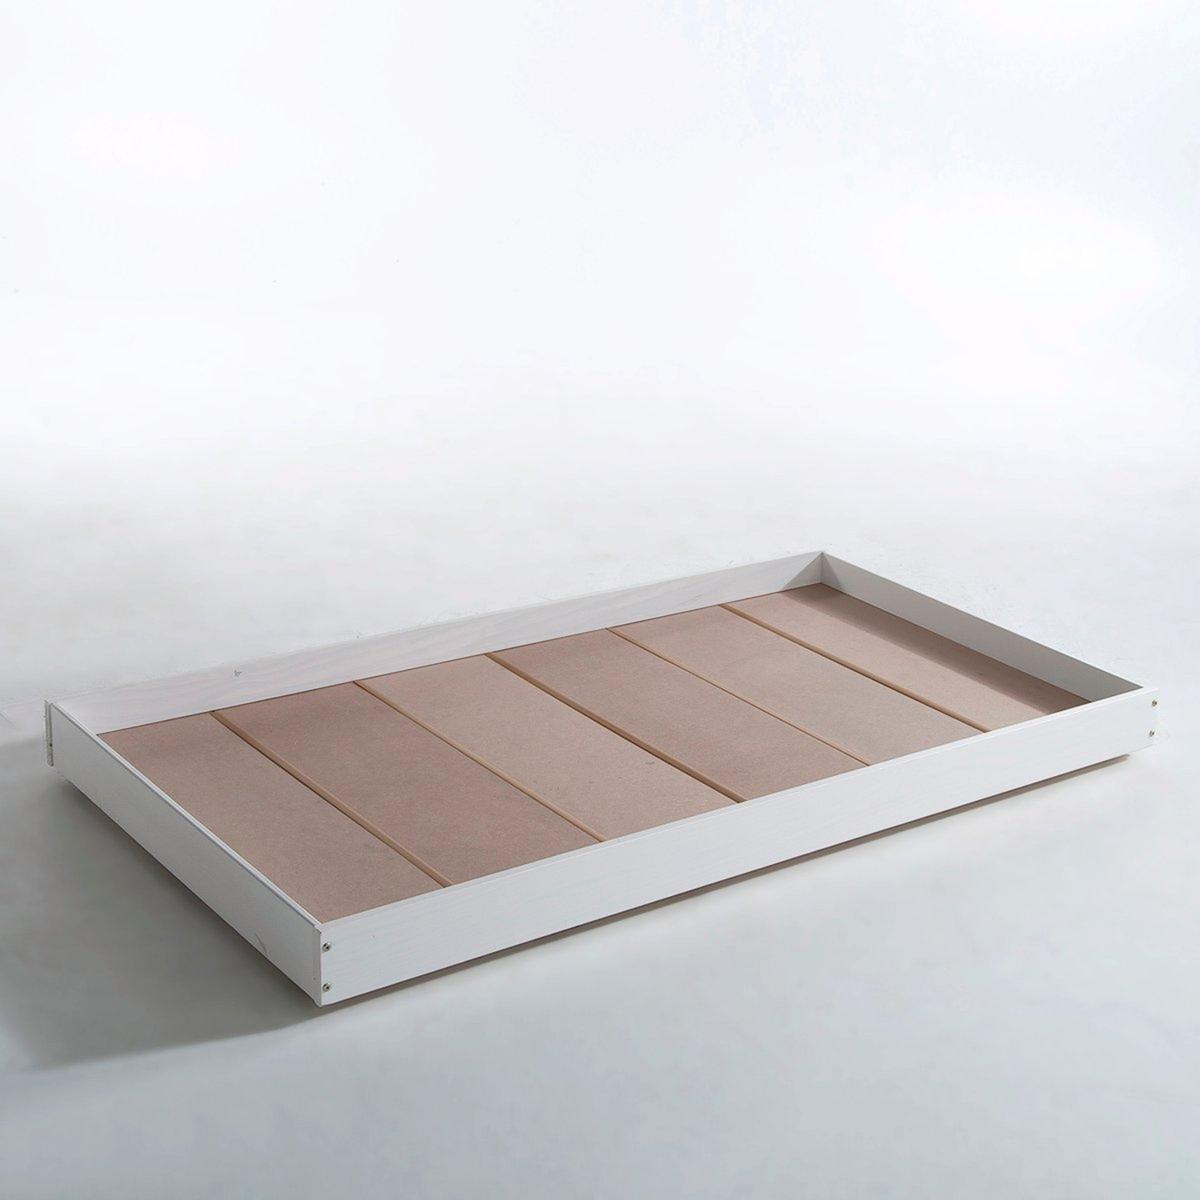 Ящик-кровать LaRedoute На колесиках Maysar единый размер белый